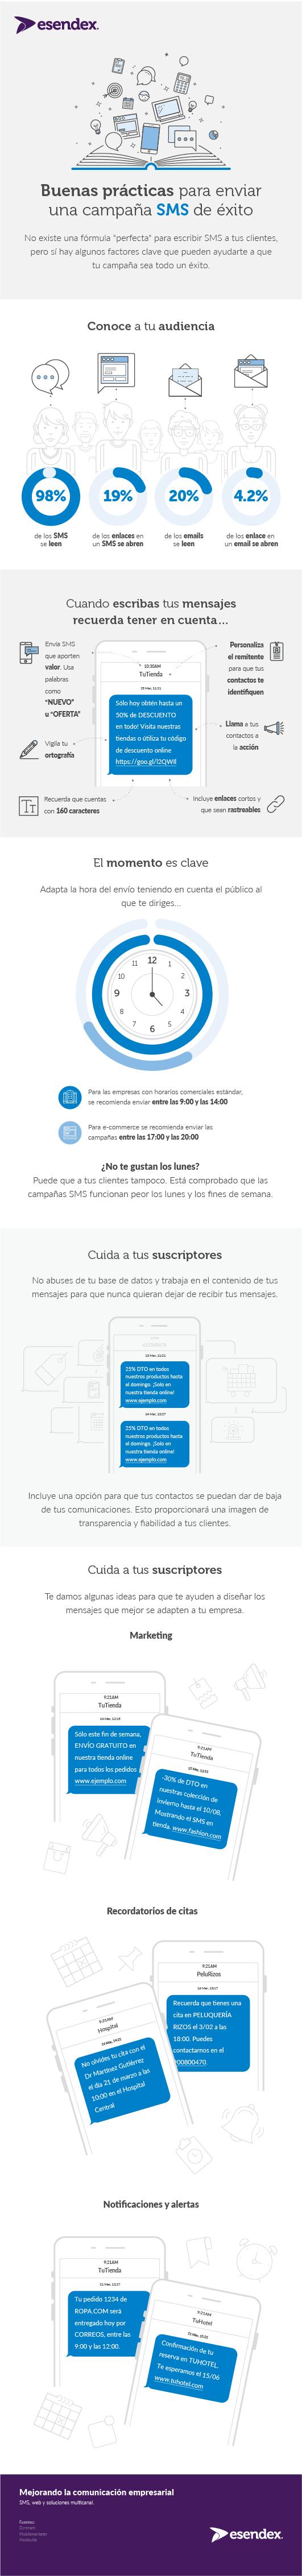 Infográfico Buenas prácticas para tener una campaña SMS de éxito